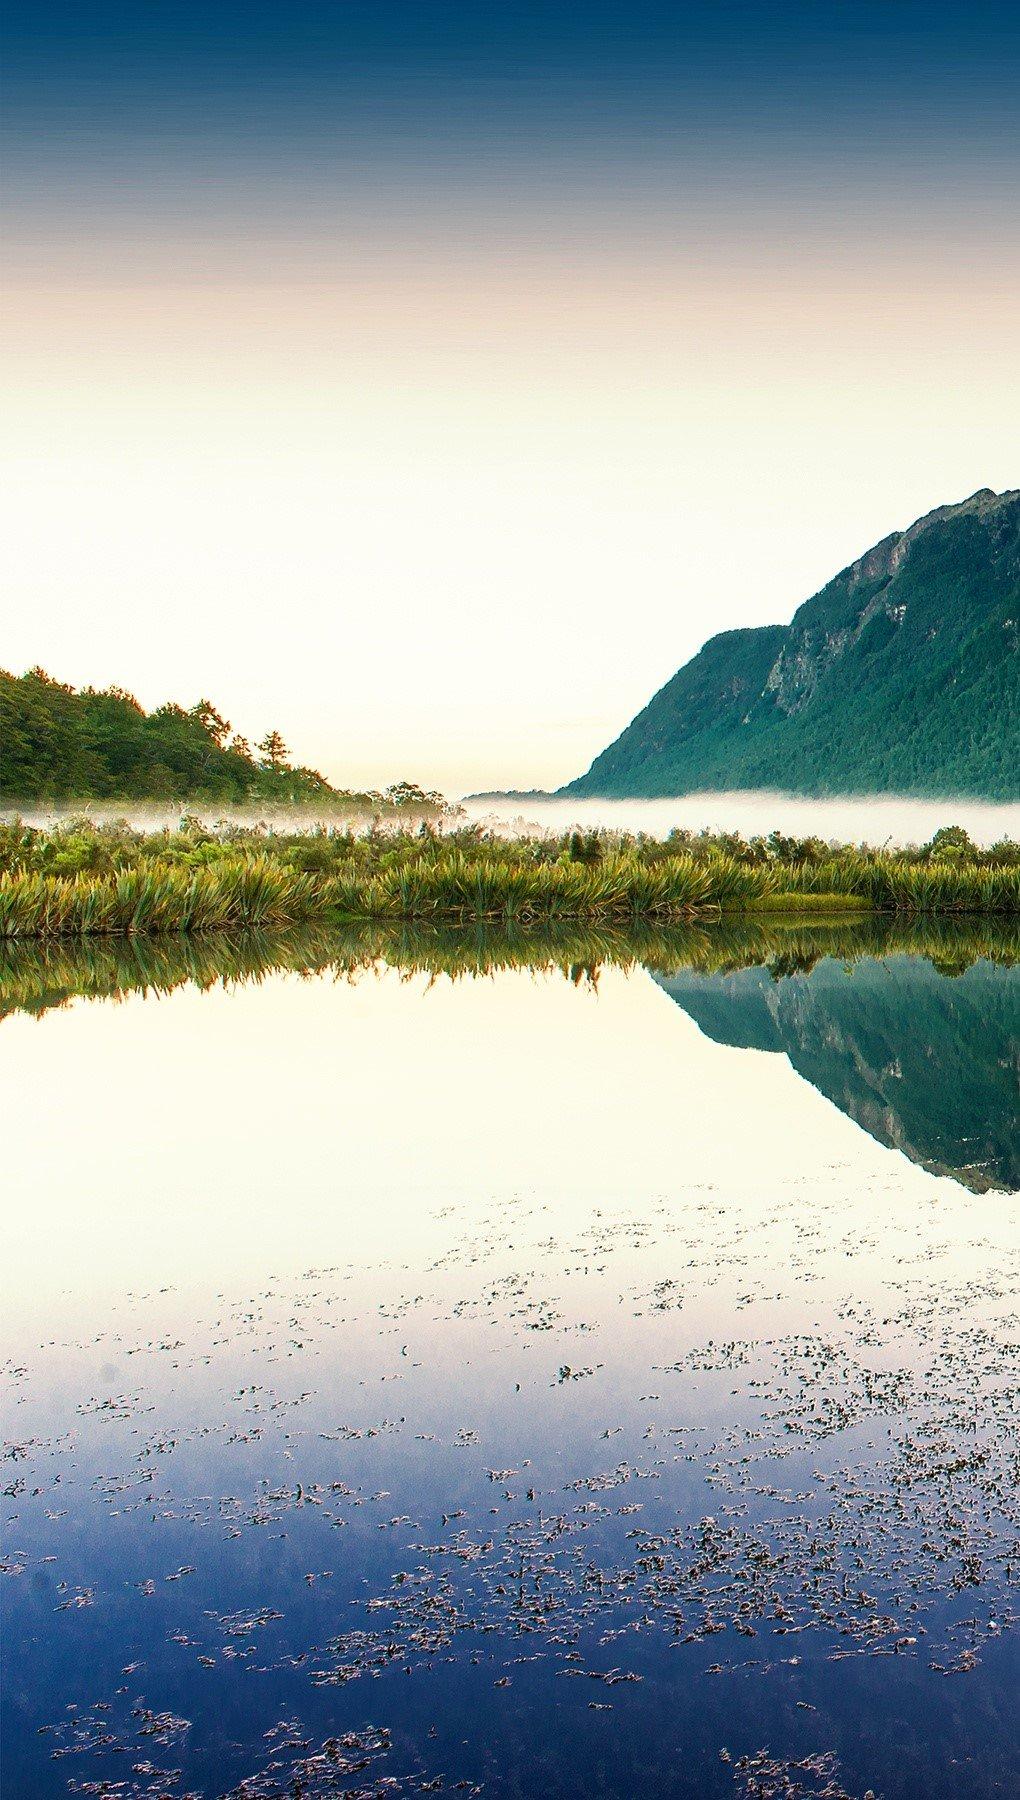 Wallpaper Lake reflecting mountains Vertical